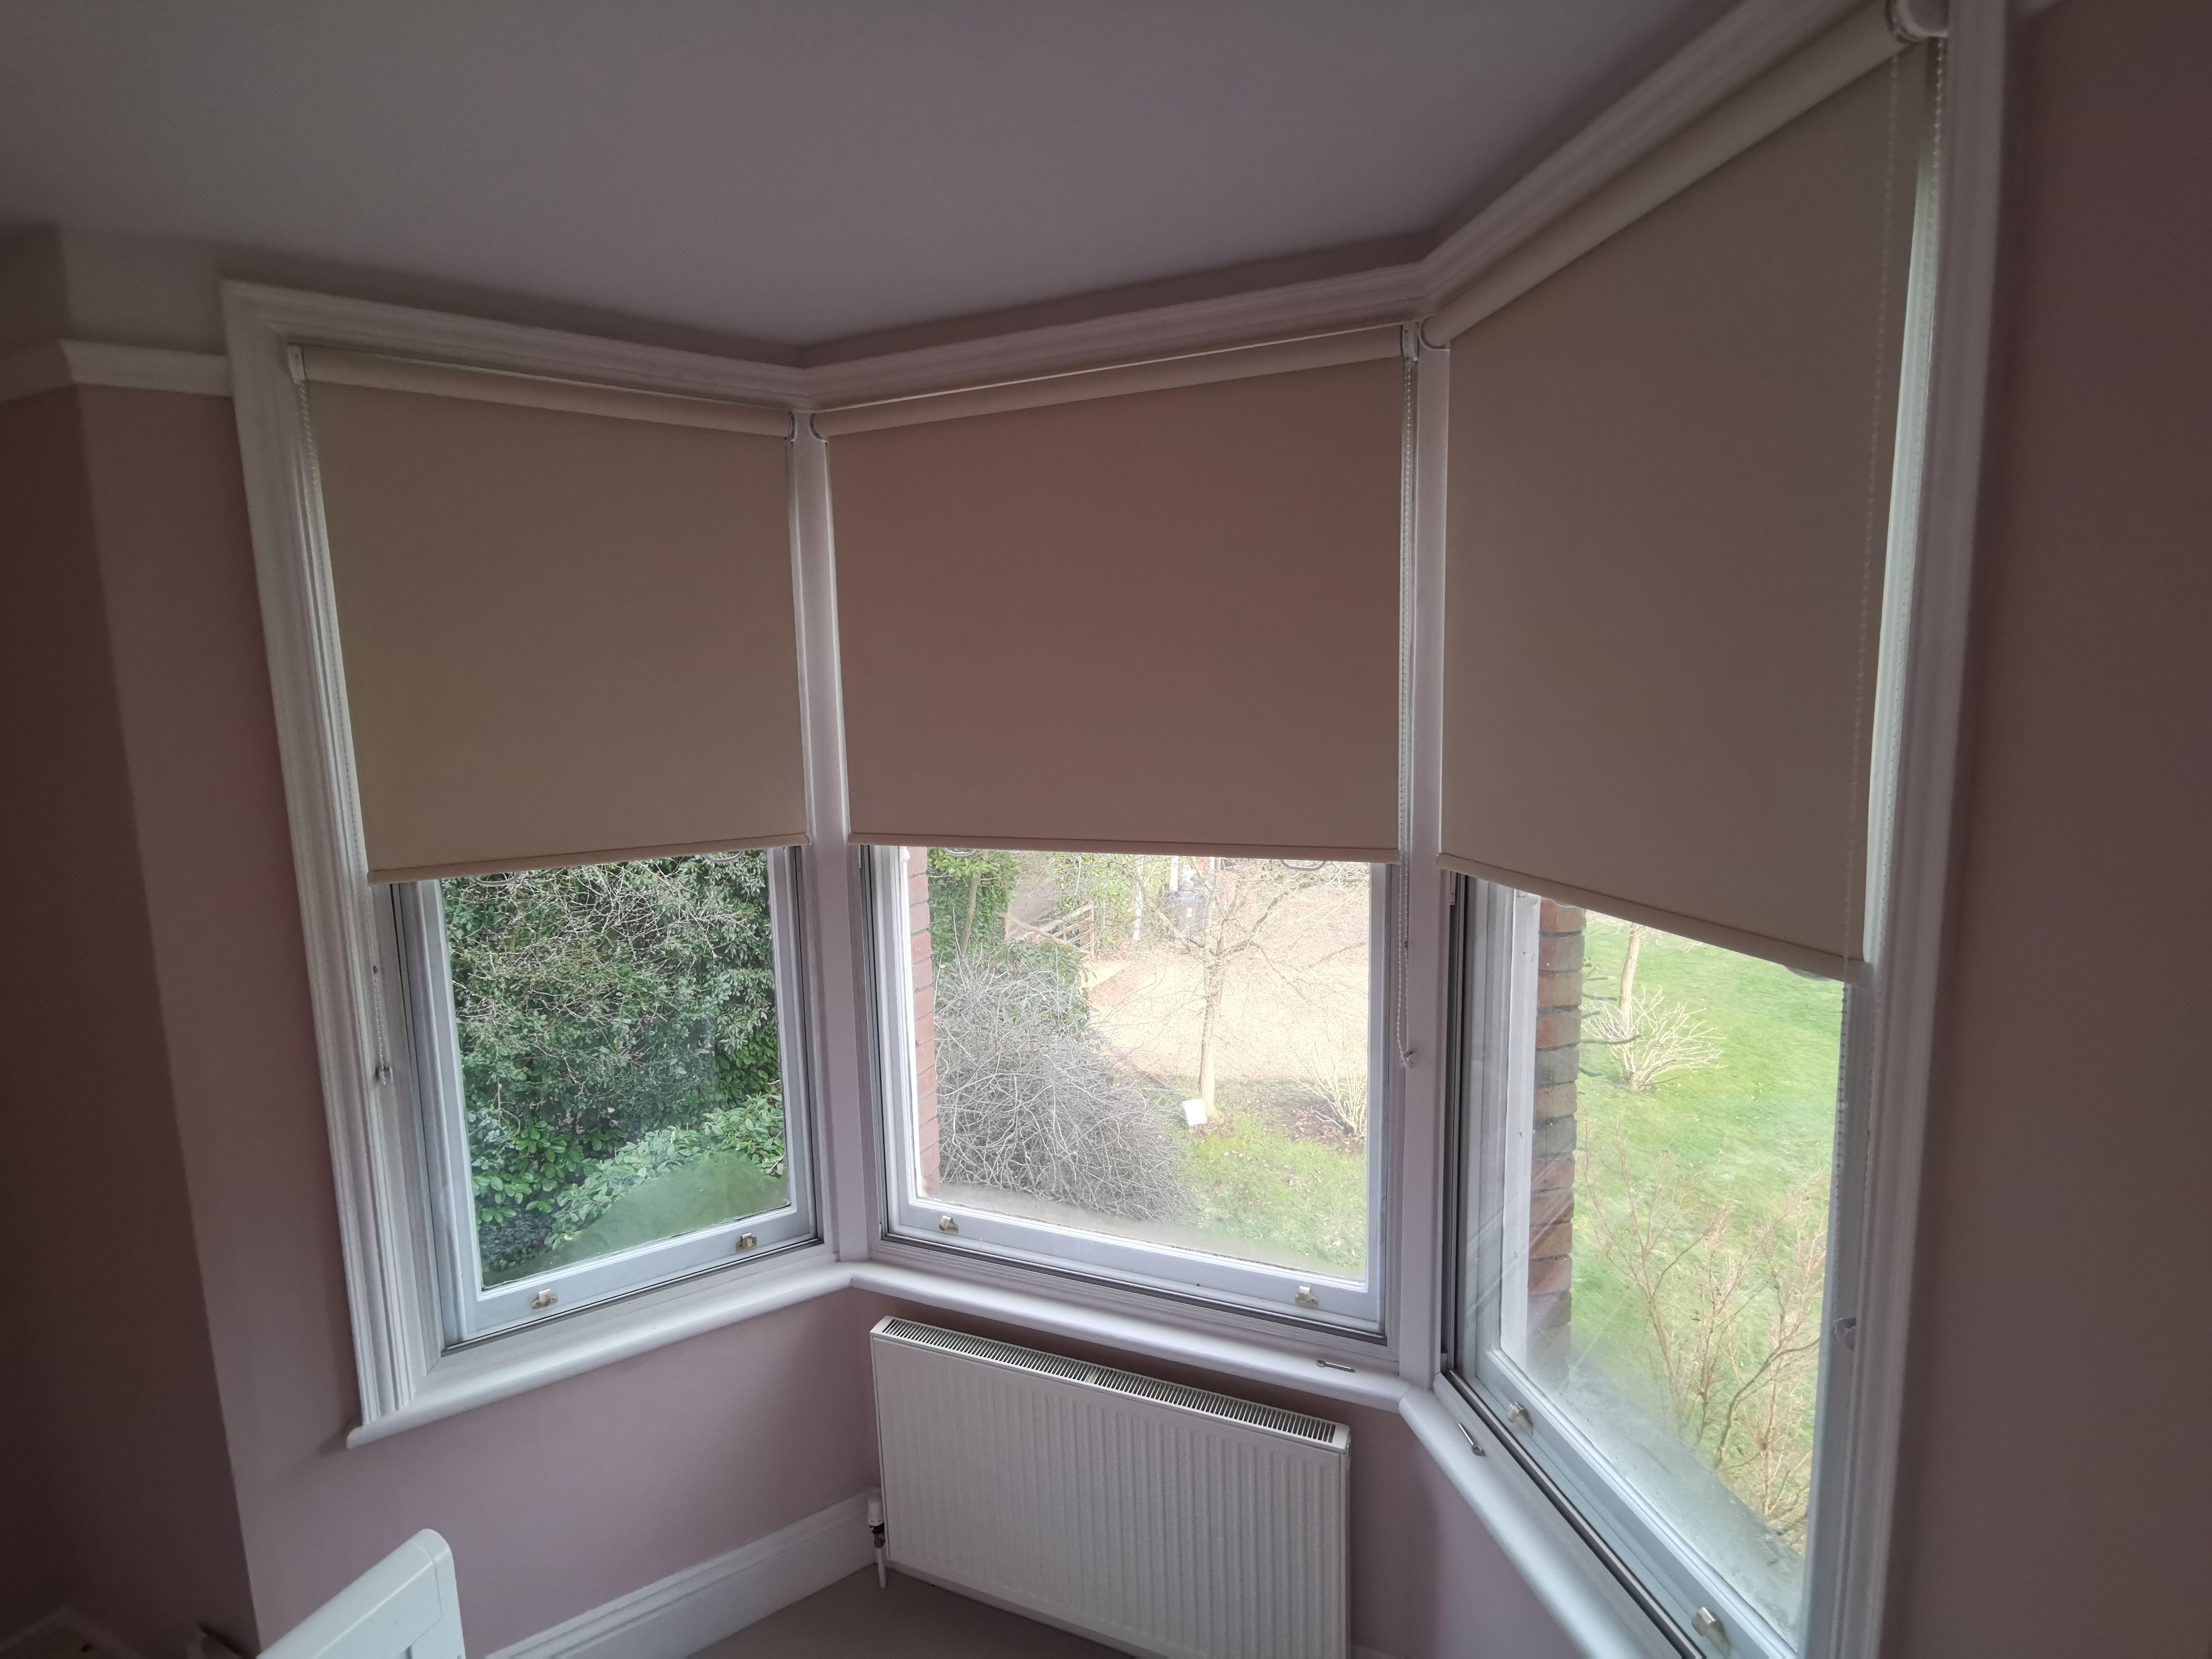 Blackout Roller Blinds For Bay Window In Bedroom In Bishops Stortford Hertfordshire Made To Measure Bay Window Blinds Made To Measure Blinds Vertical Blinds